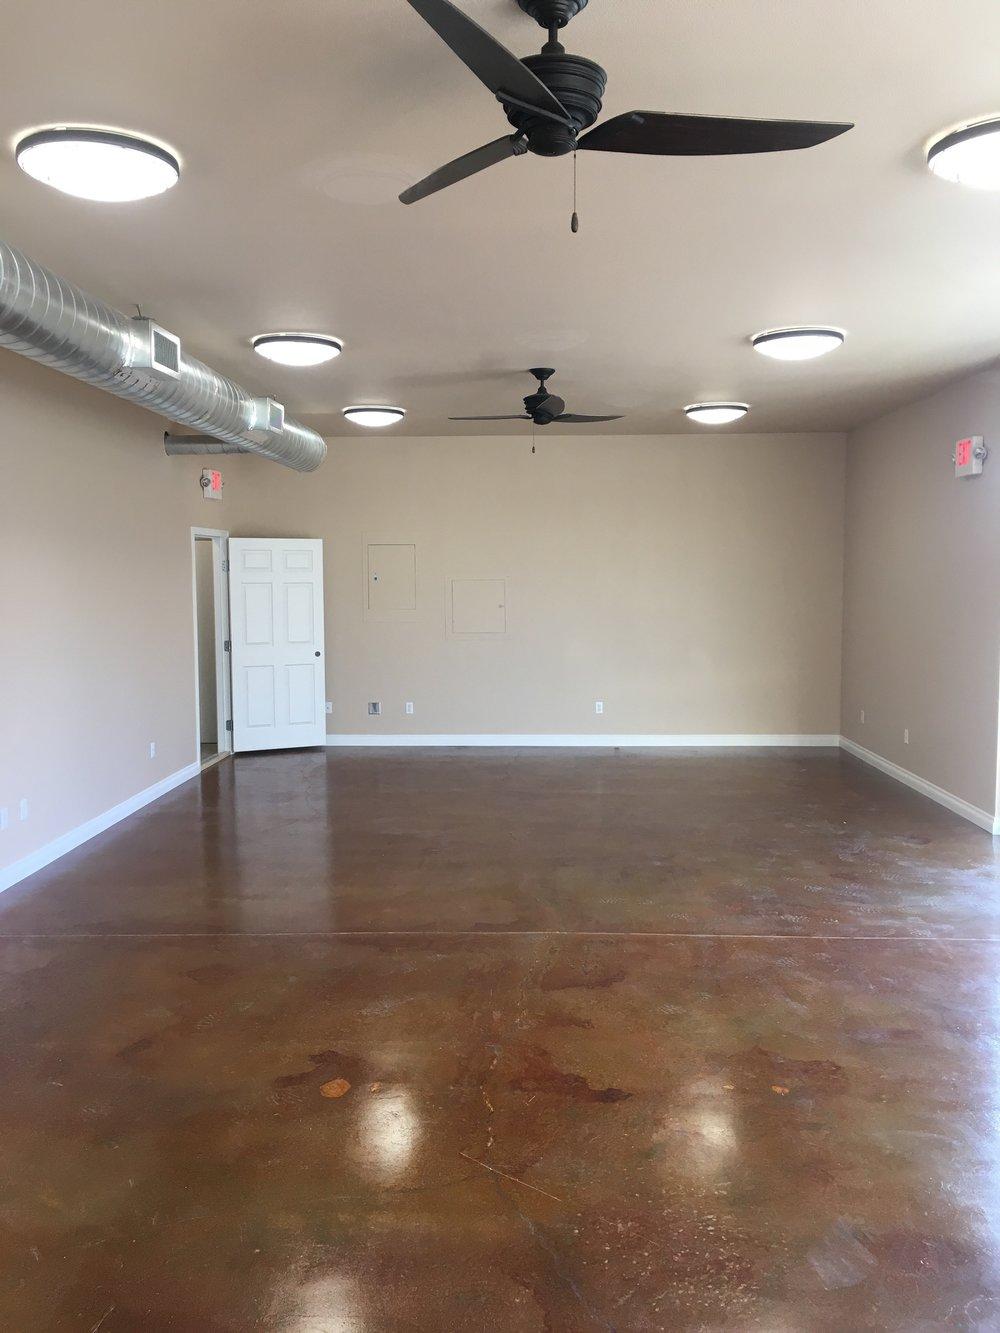 COMMUNITY - New Community Center Level 7 Spiritual Center 2.JPG